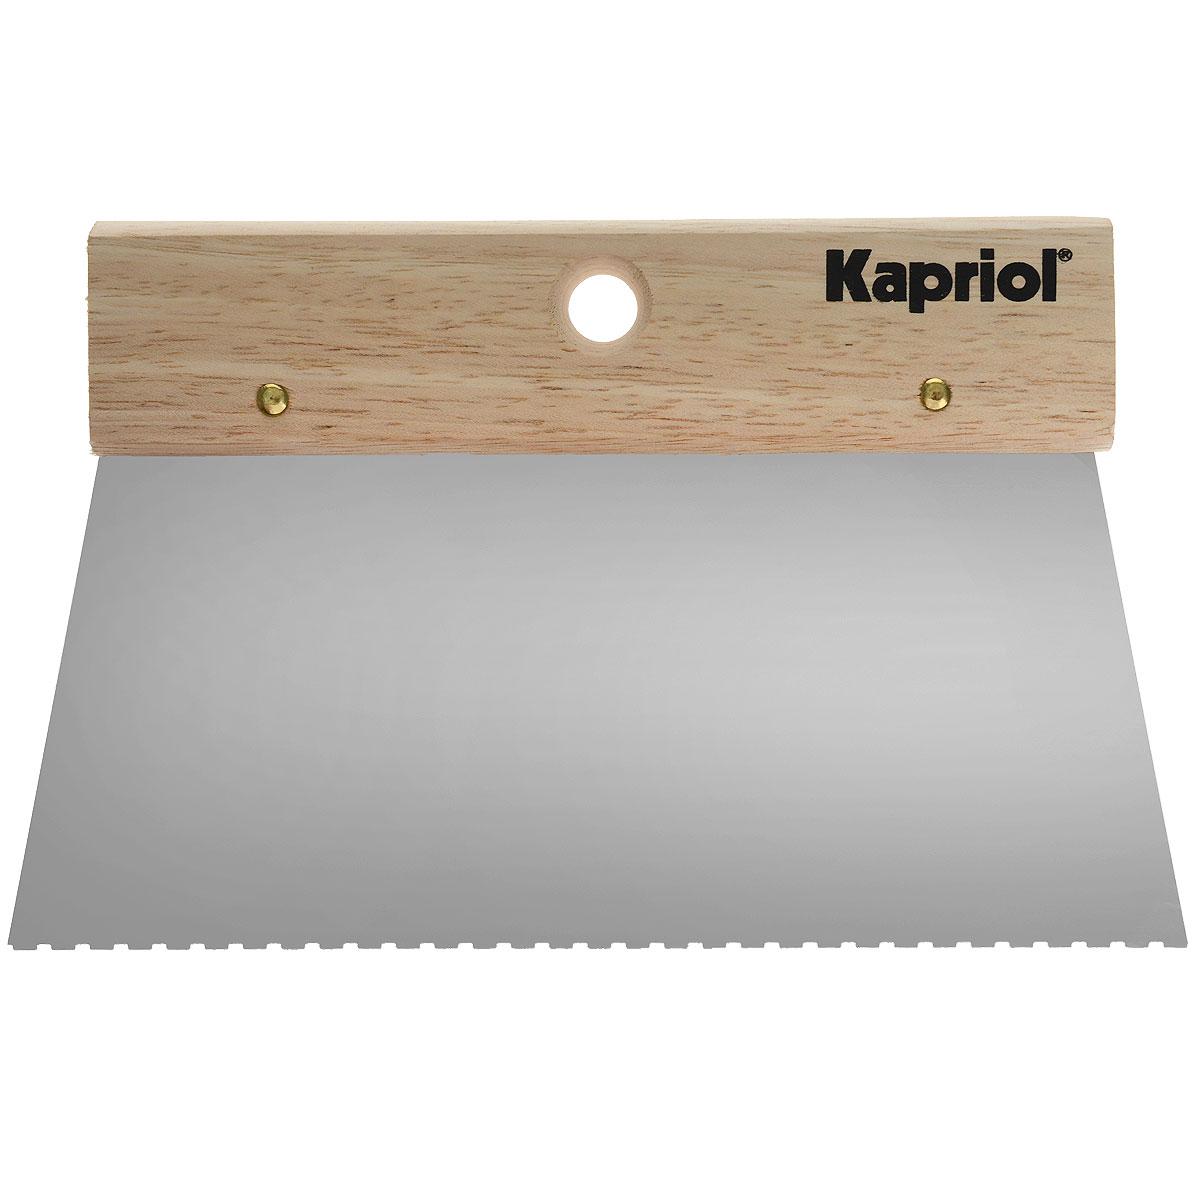 Шпатель зубчатый для клея Kapriol, с деревянной ручкой, зуб 4 х 2,5 х 1 мм, 20 см23190Шпатель зубчатый для клея Kapriol предназначен для равномерного распределения клея на поверхность (стены, потолок и др.). Полотно изготовлено из закаленной стали. Деревянная ручка.